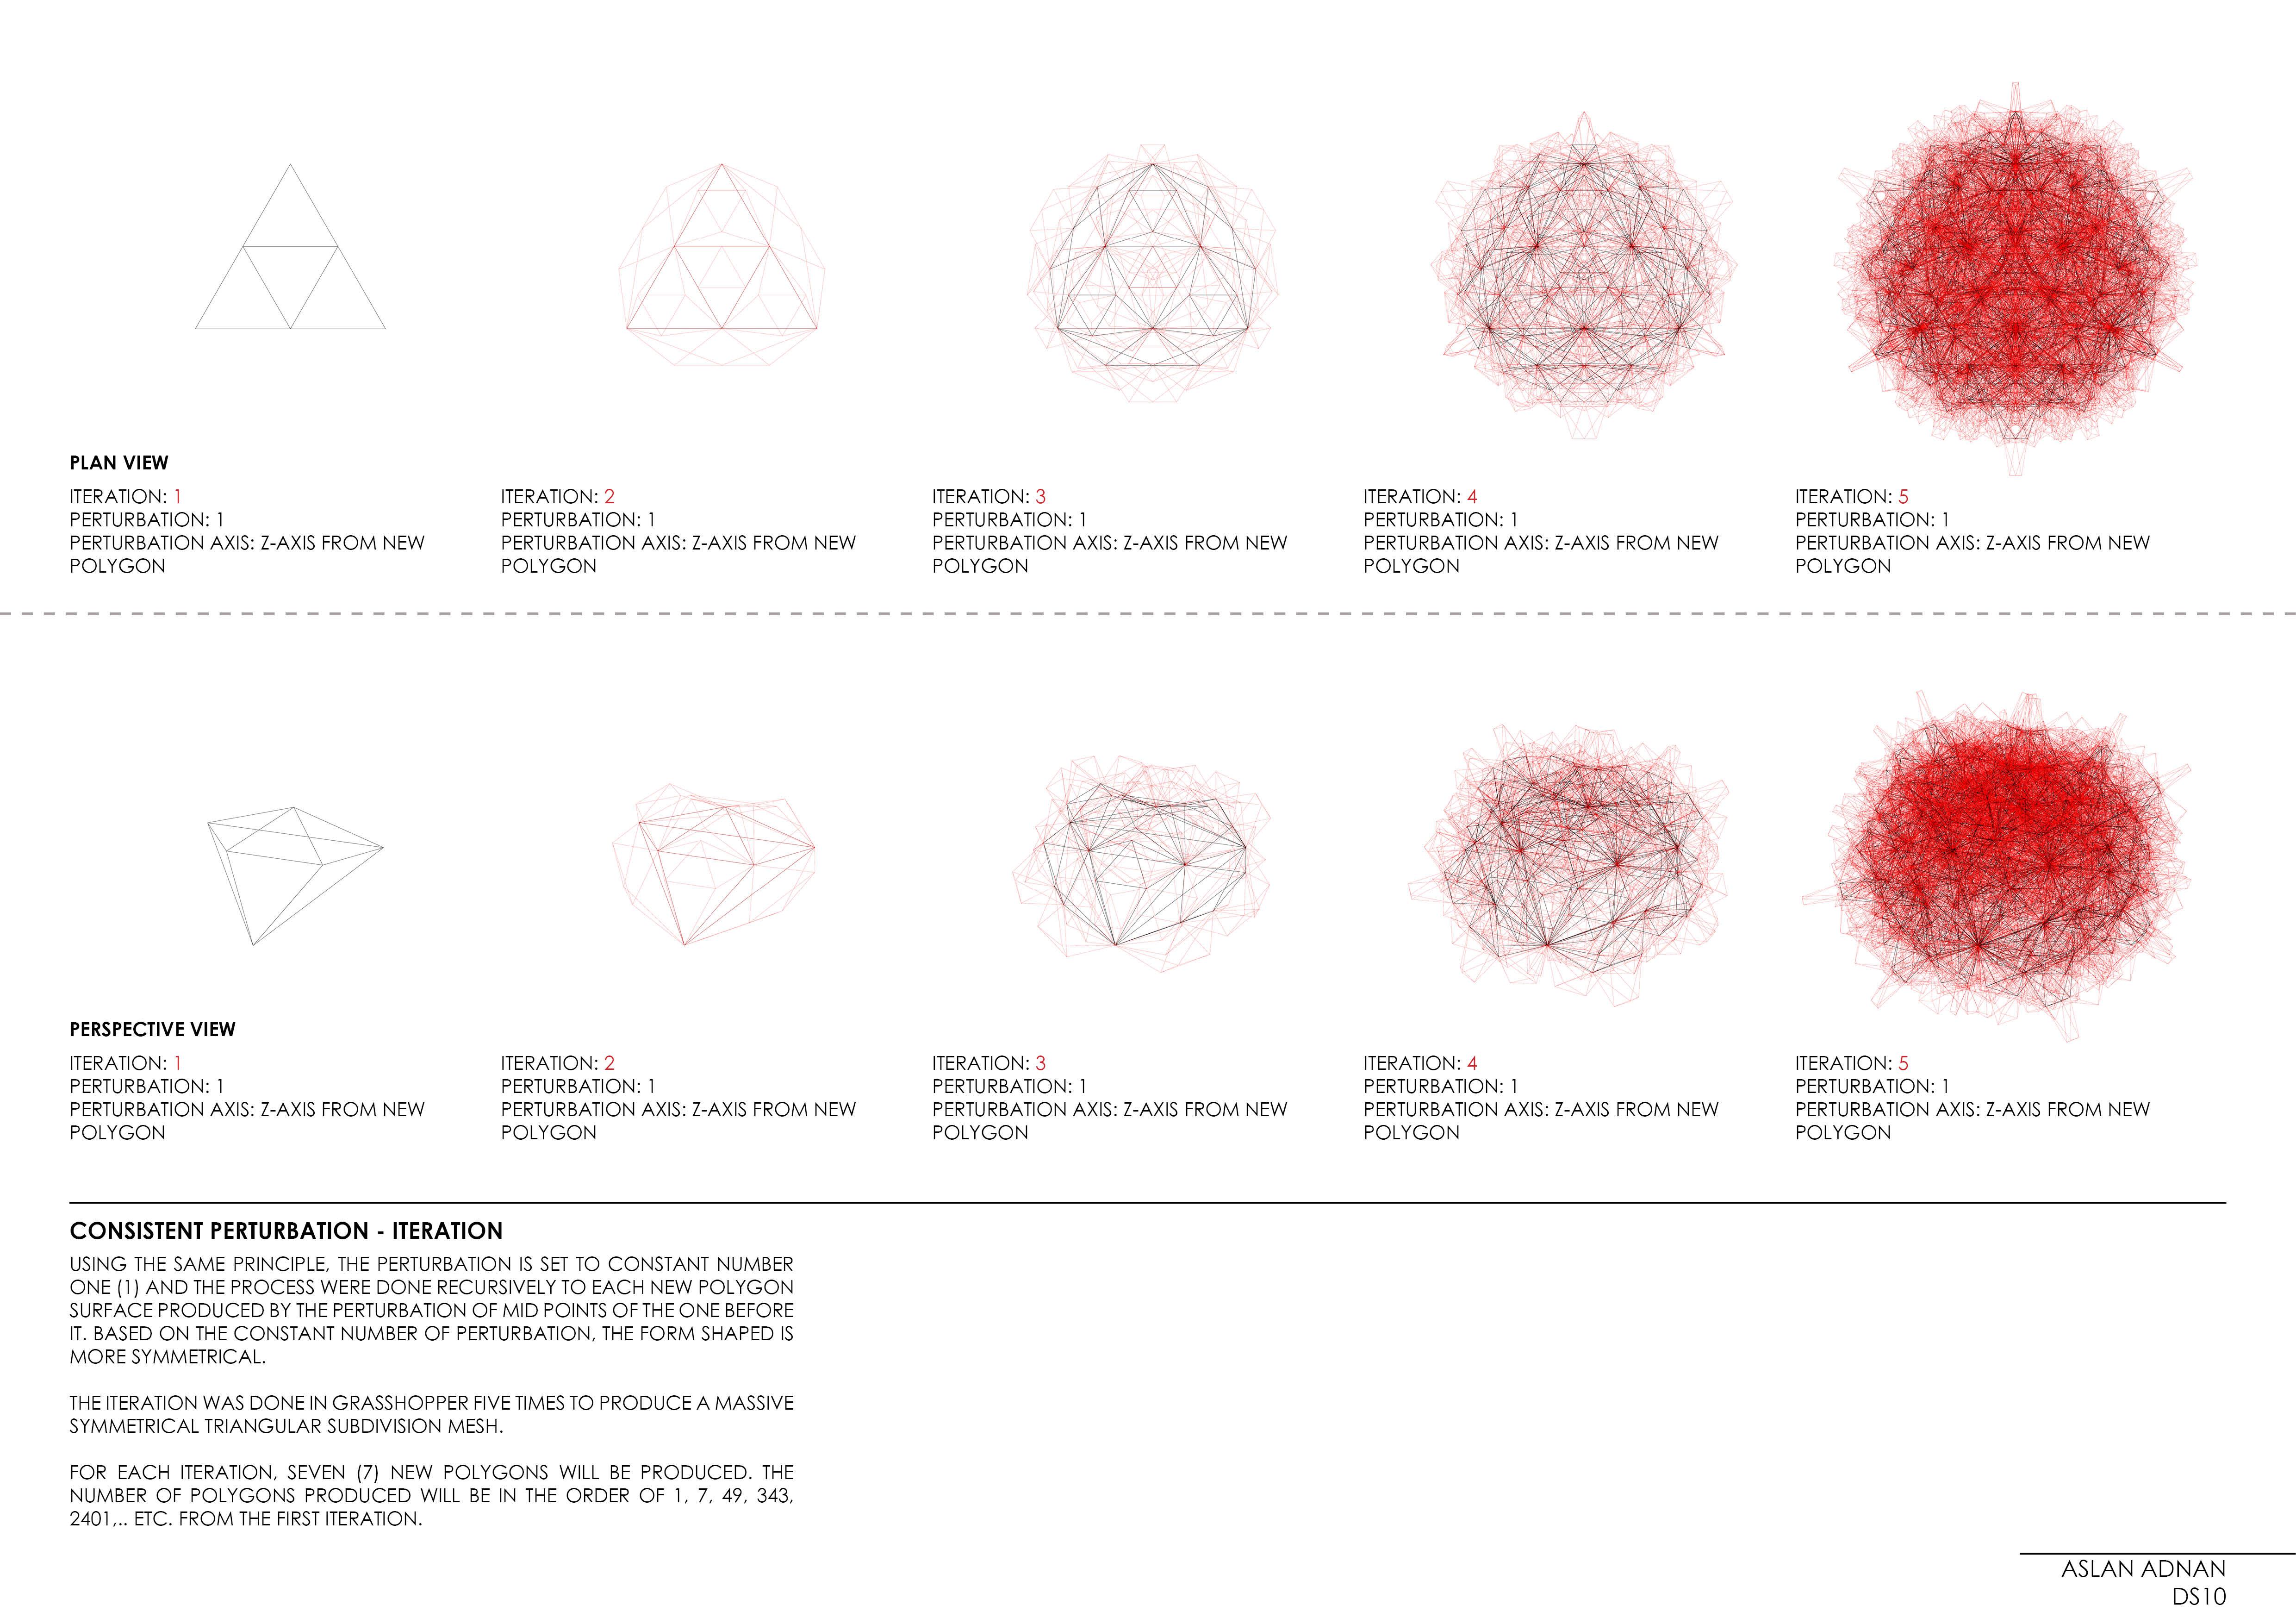 Recursive process image - darwins fox cubs wallpapers